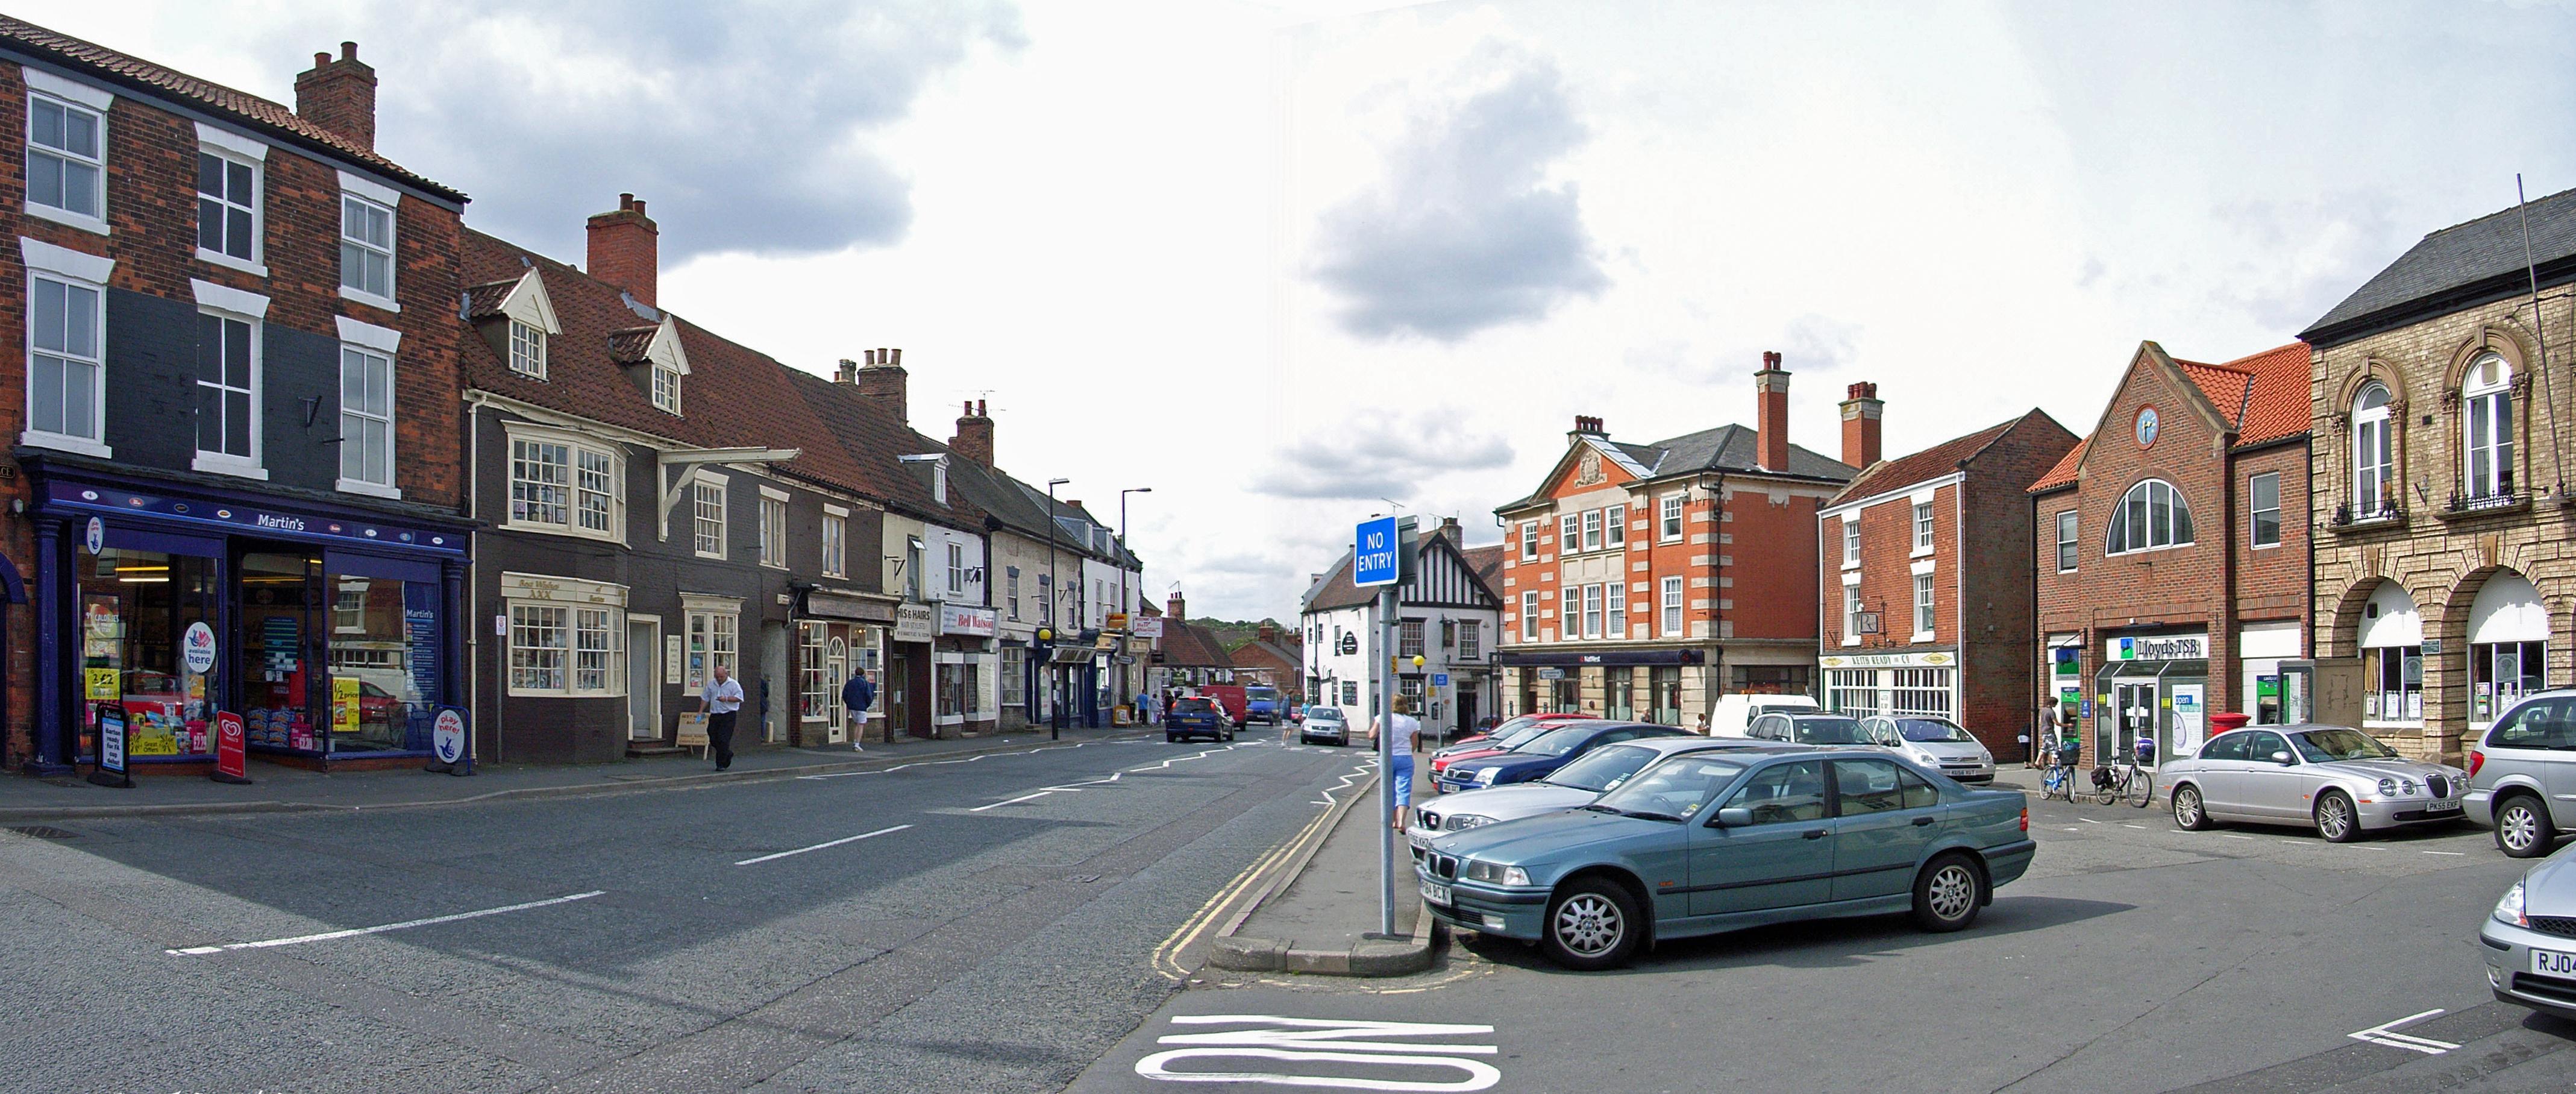 Market Place Car Park Bolton